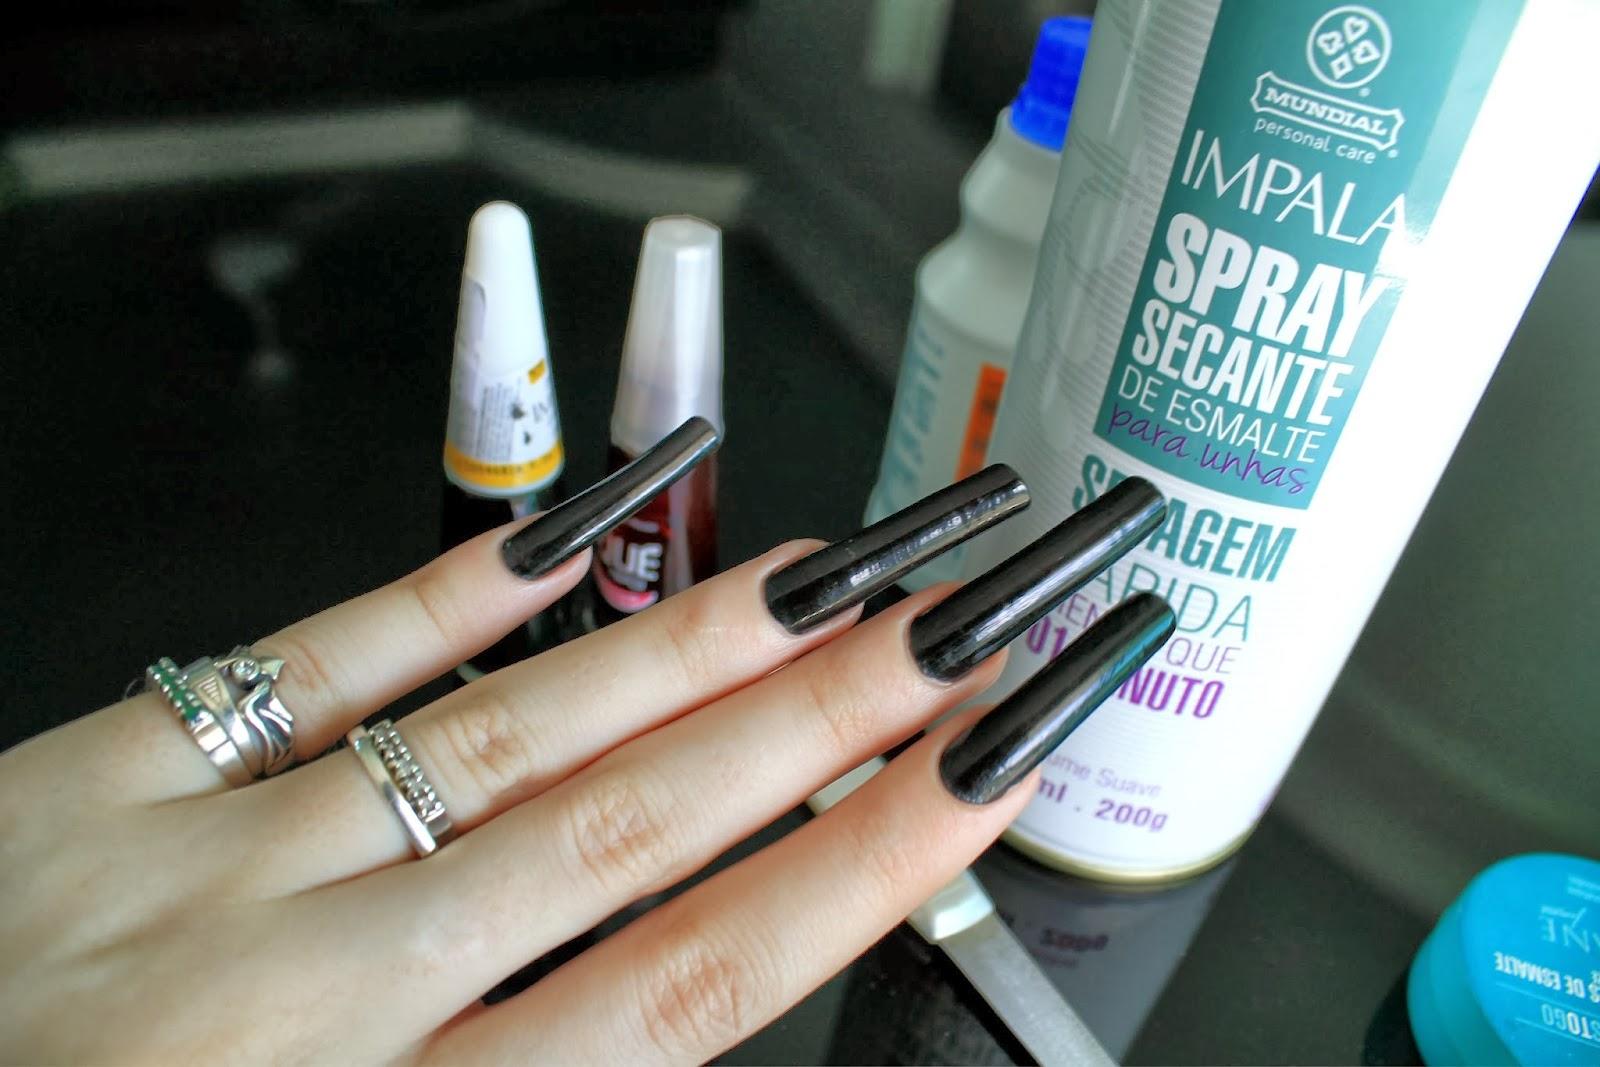 Santta tend ncia dica spray secante de esmalte for Esmalte para baneras en spray